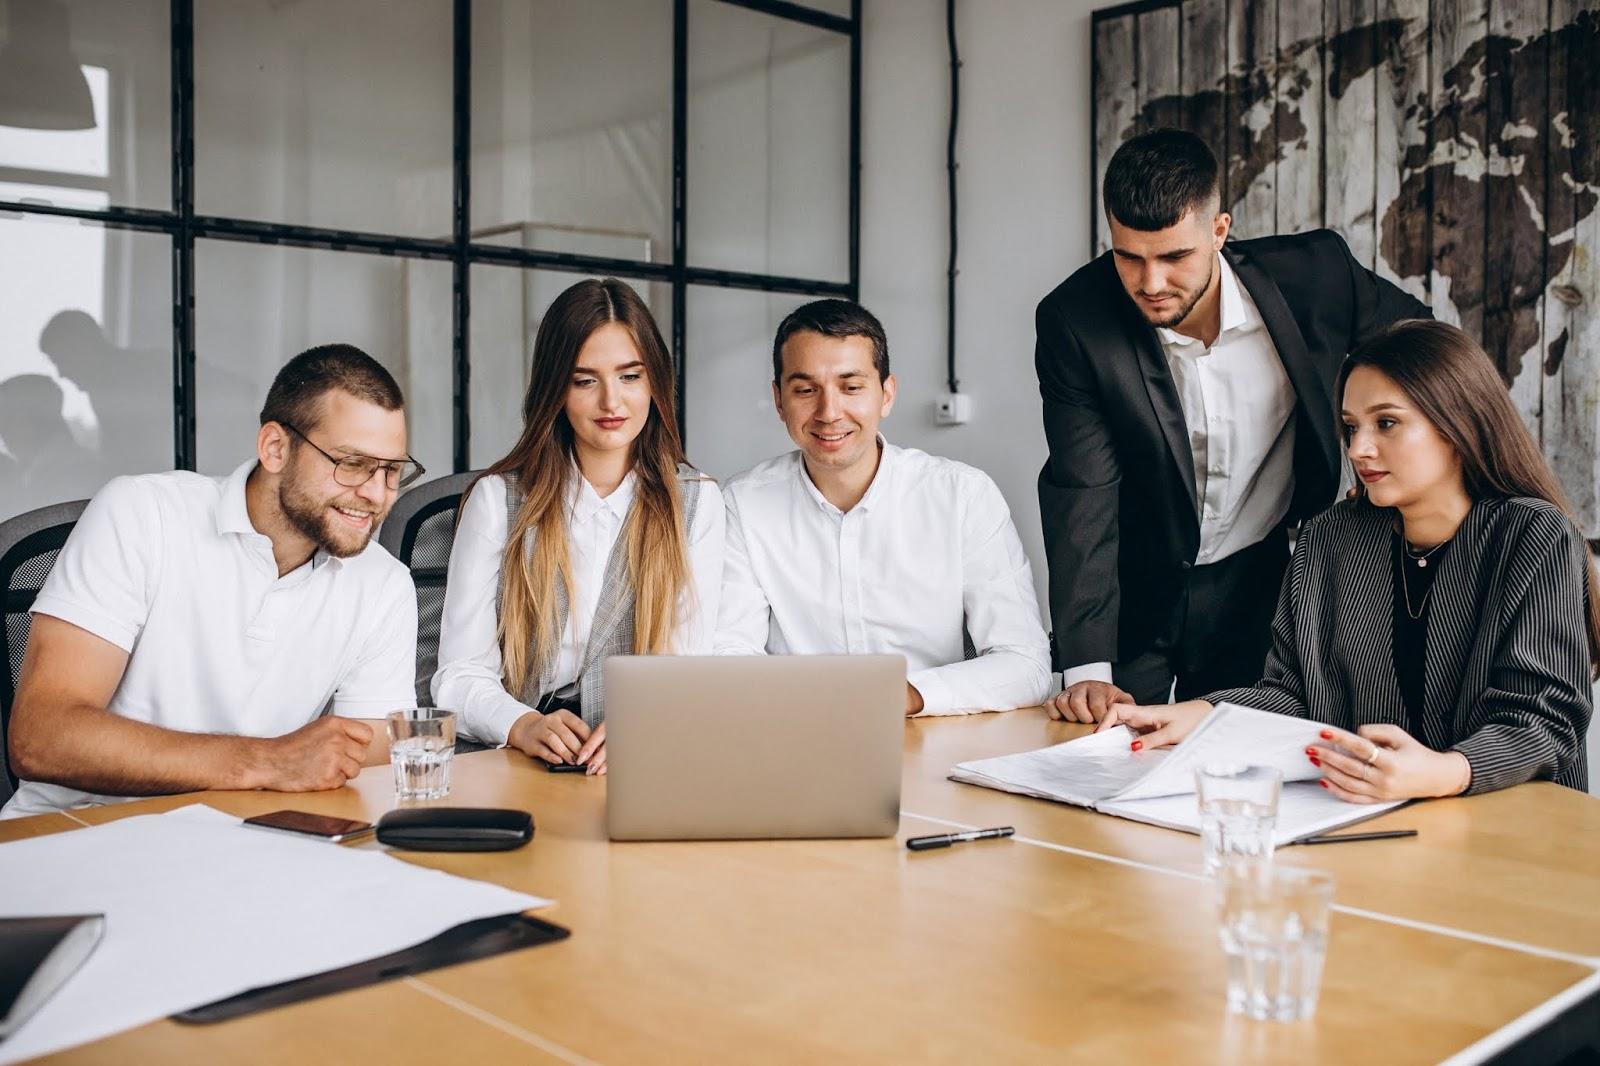 Tendencias laborales 2020 y que buscan las empresas